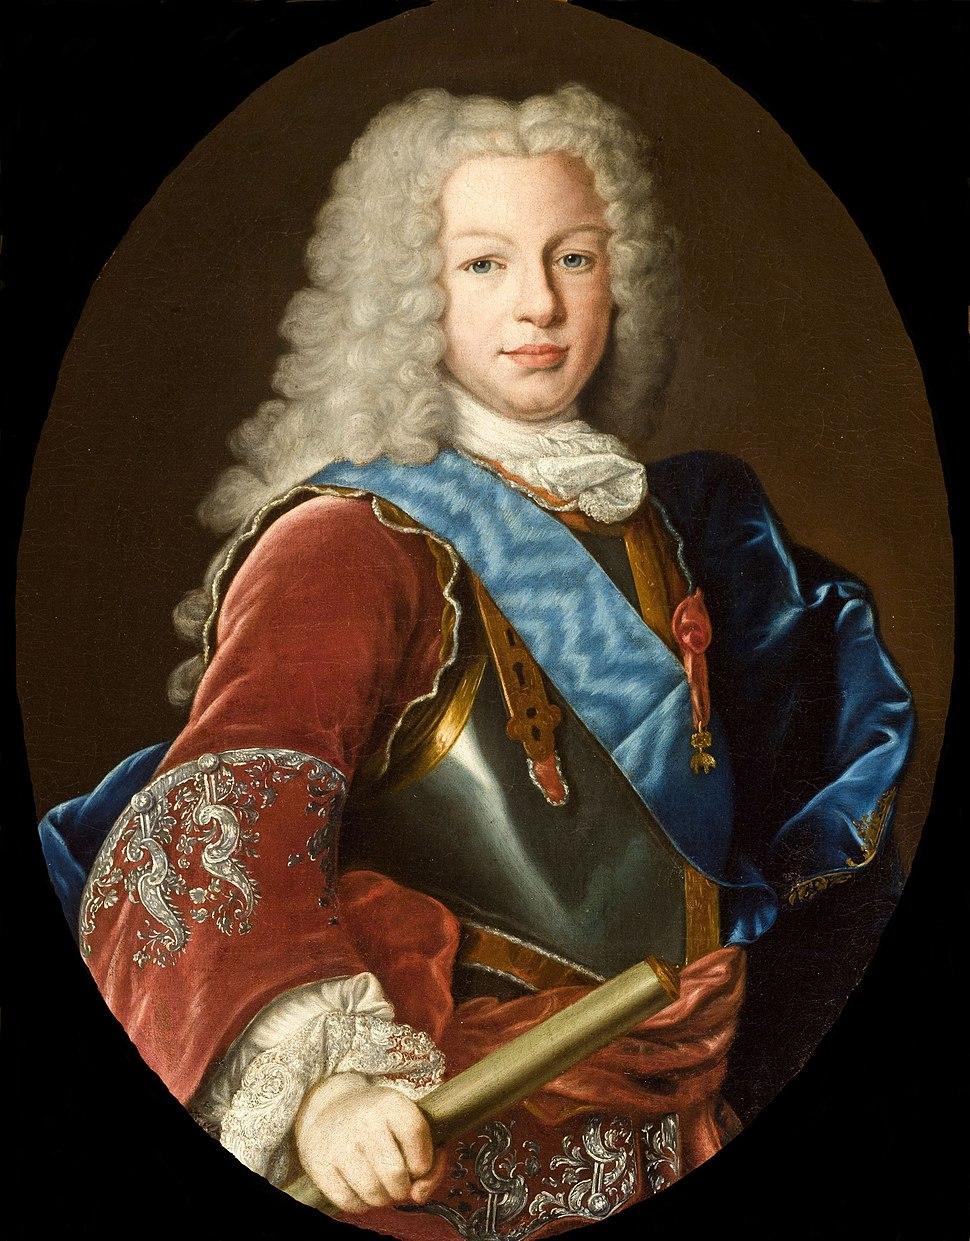 El rey Fernando VI de Espa%C3%B1a (Ayuntamiento de Sevilla)